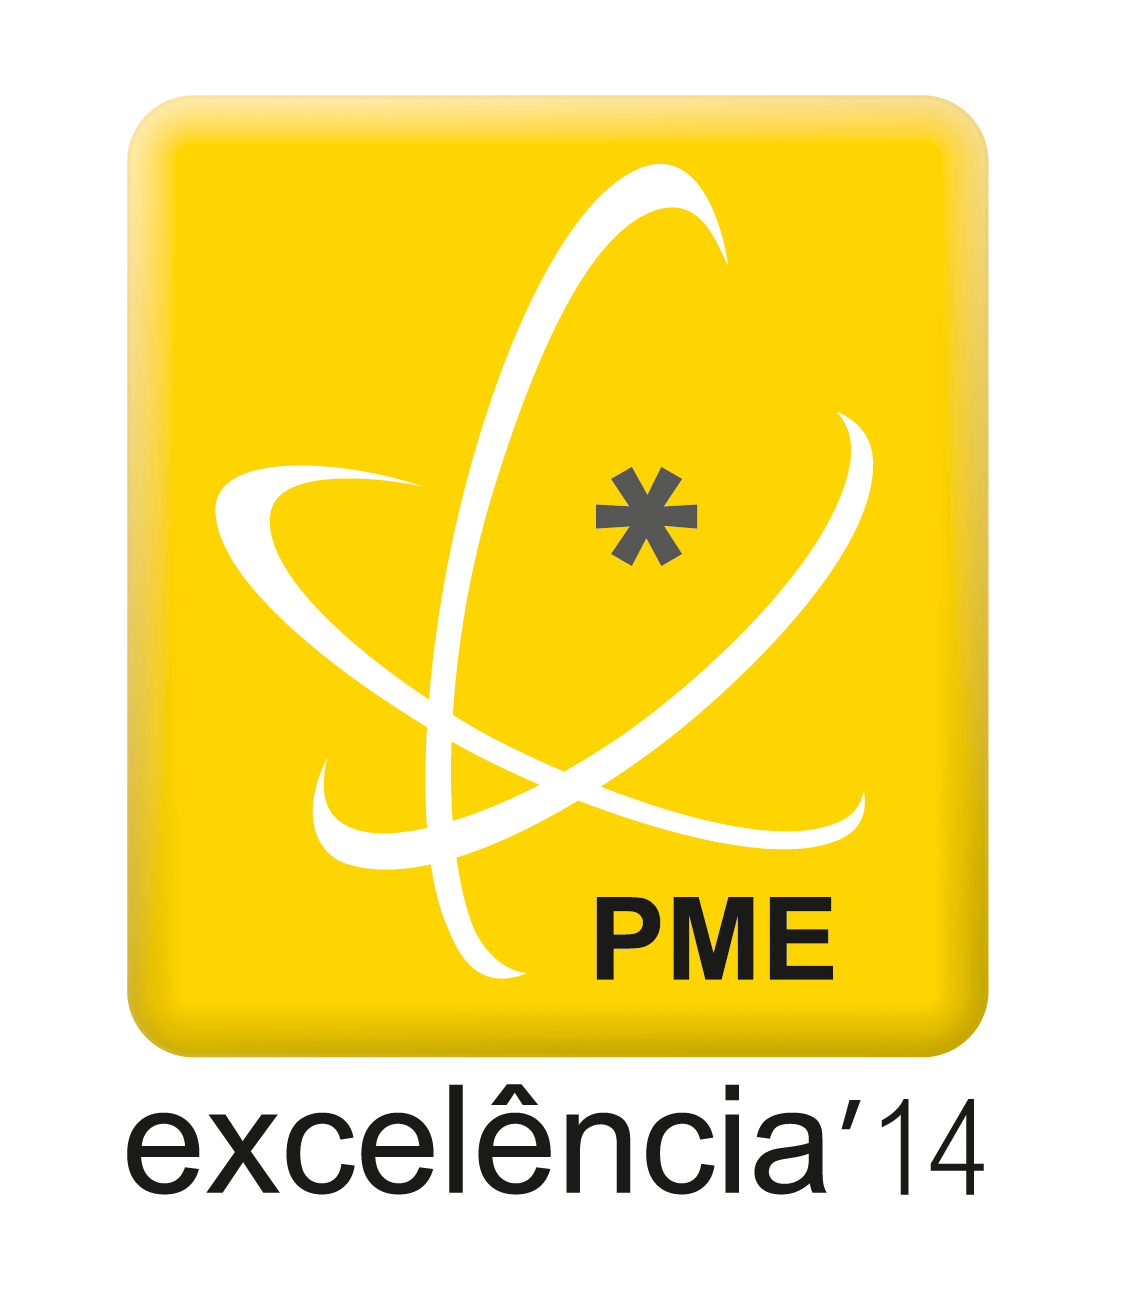 excelencia 2014